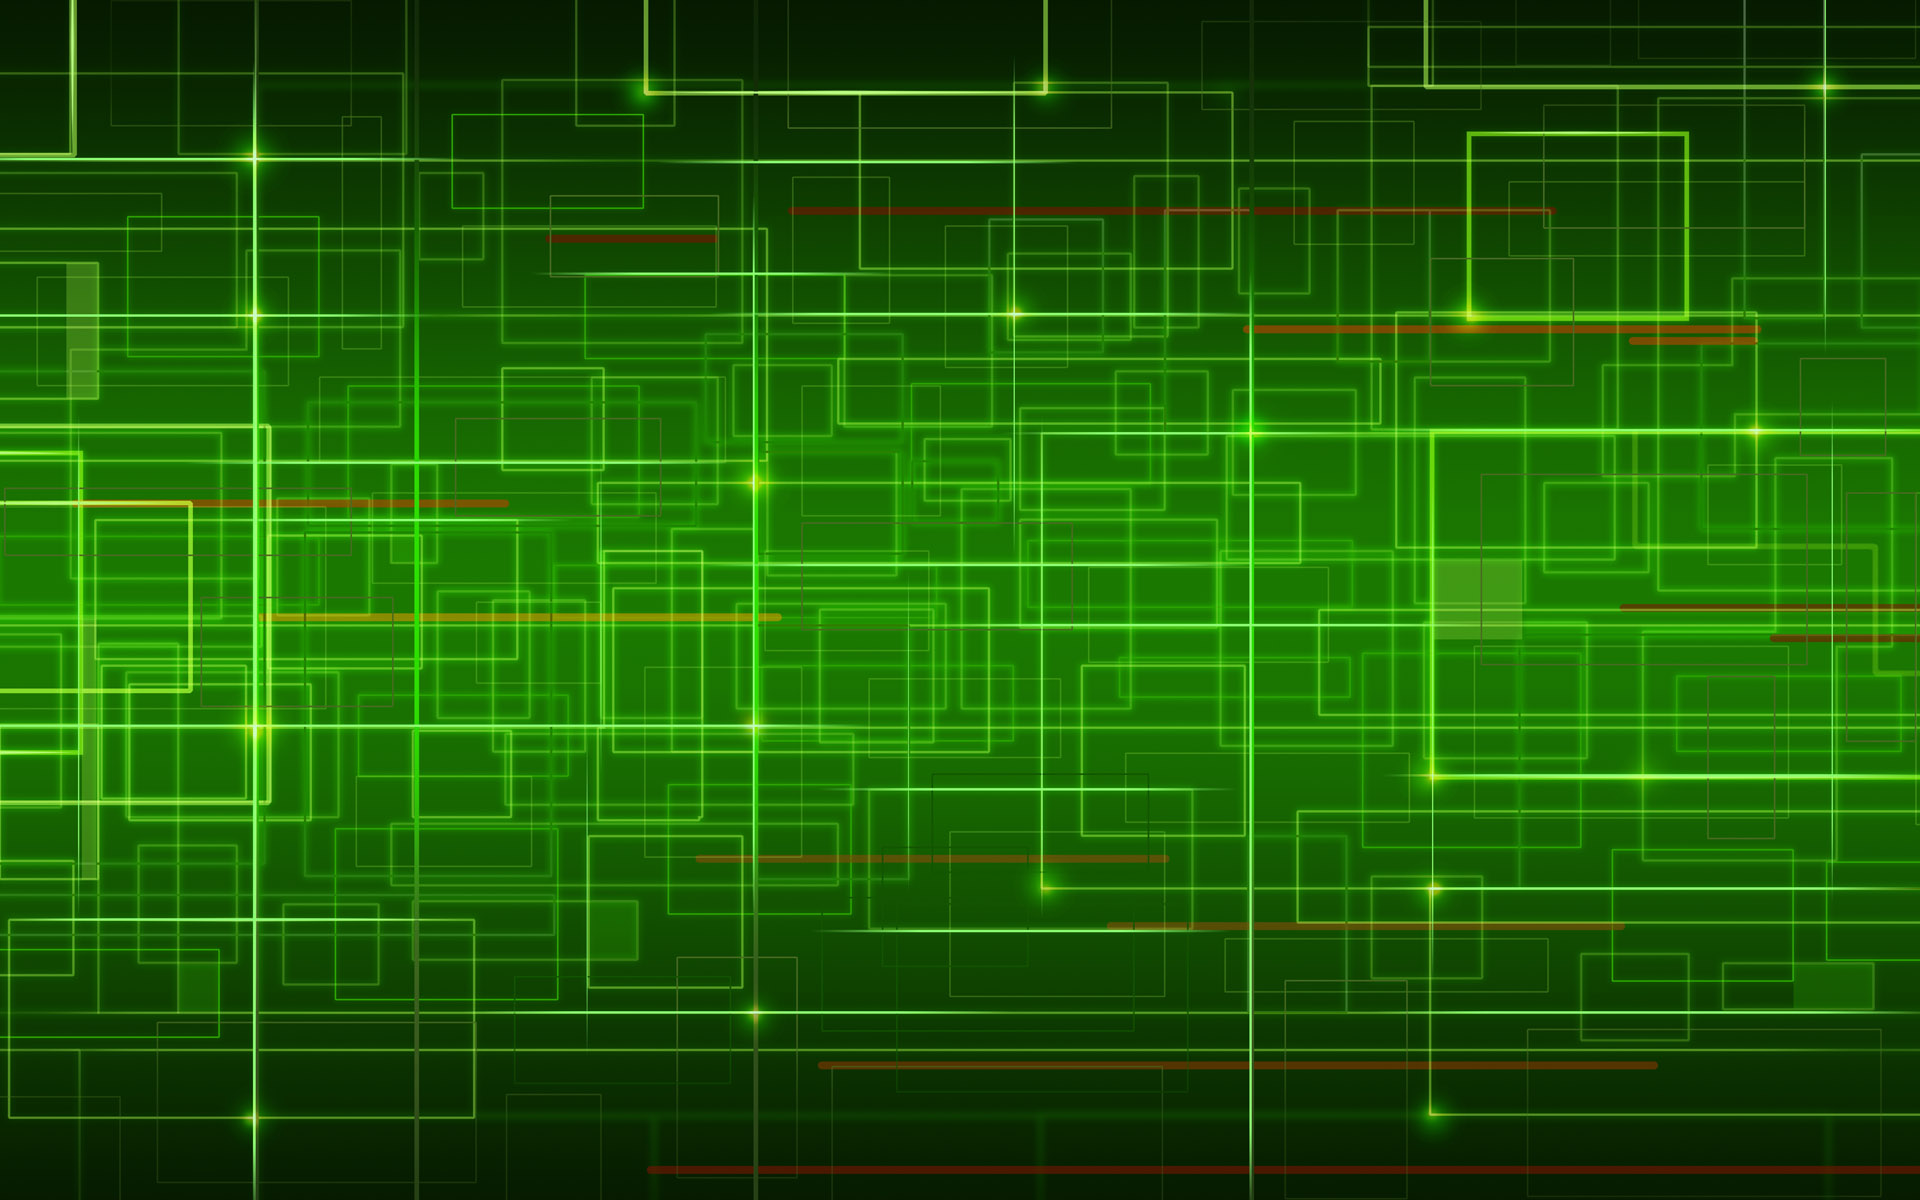 Green Wallpaper 16 1920x1200